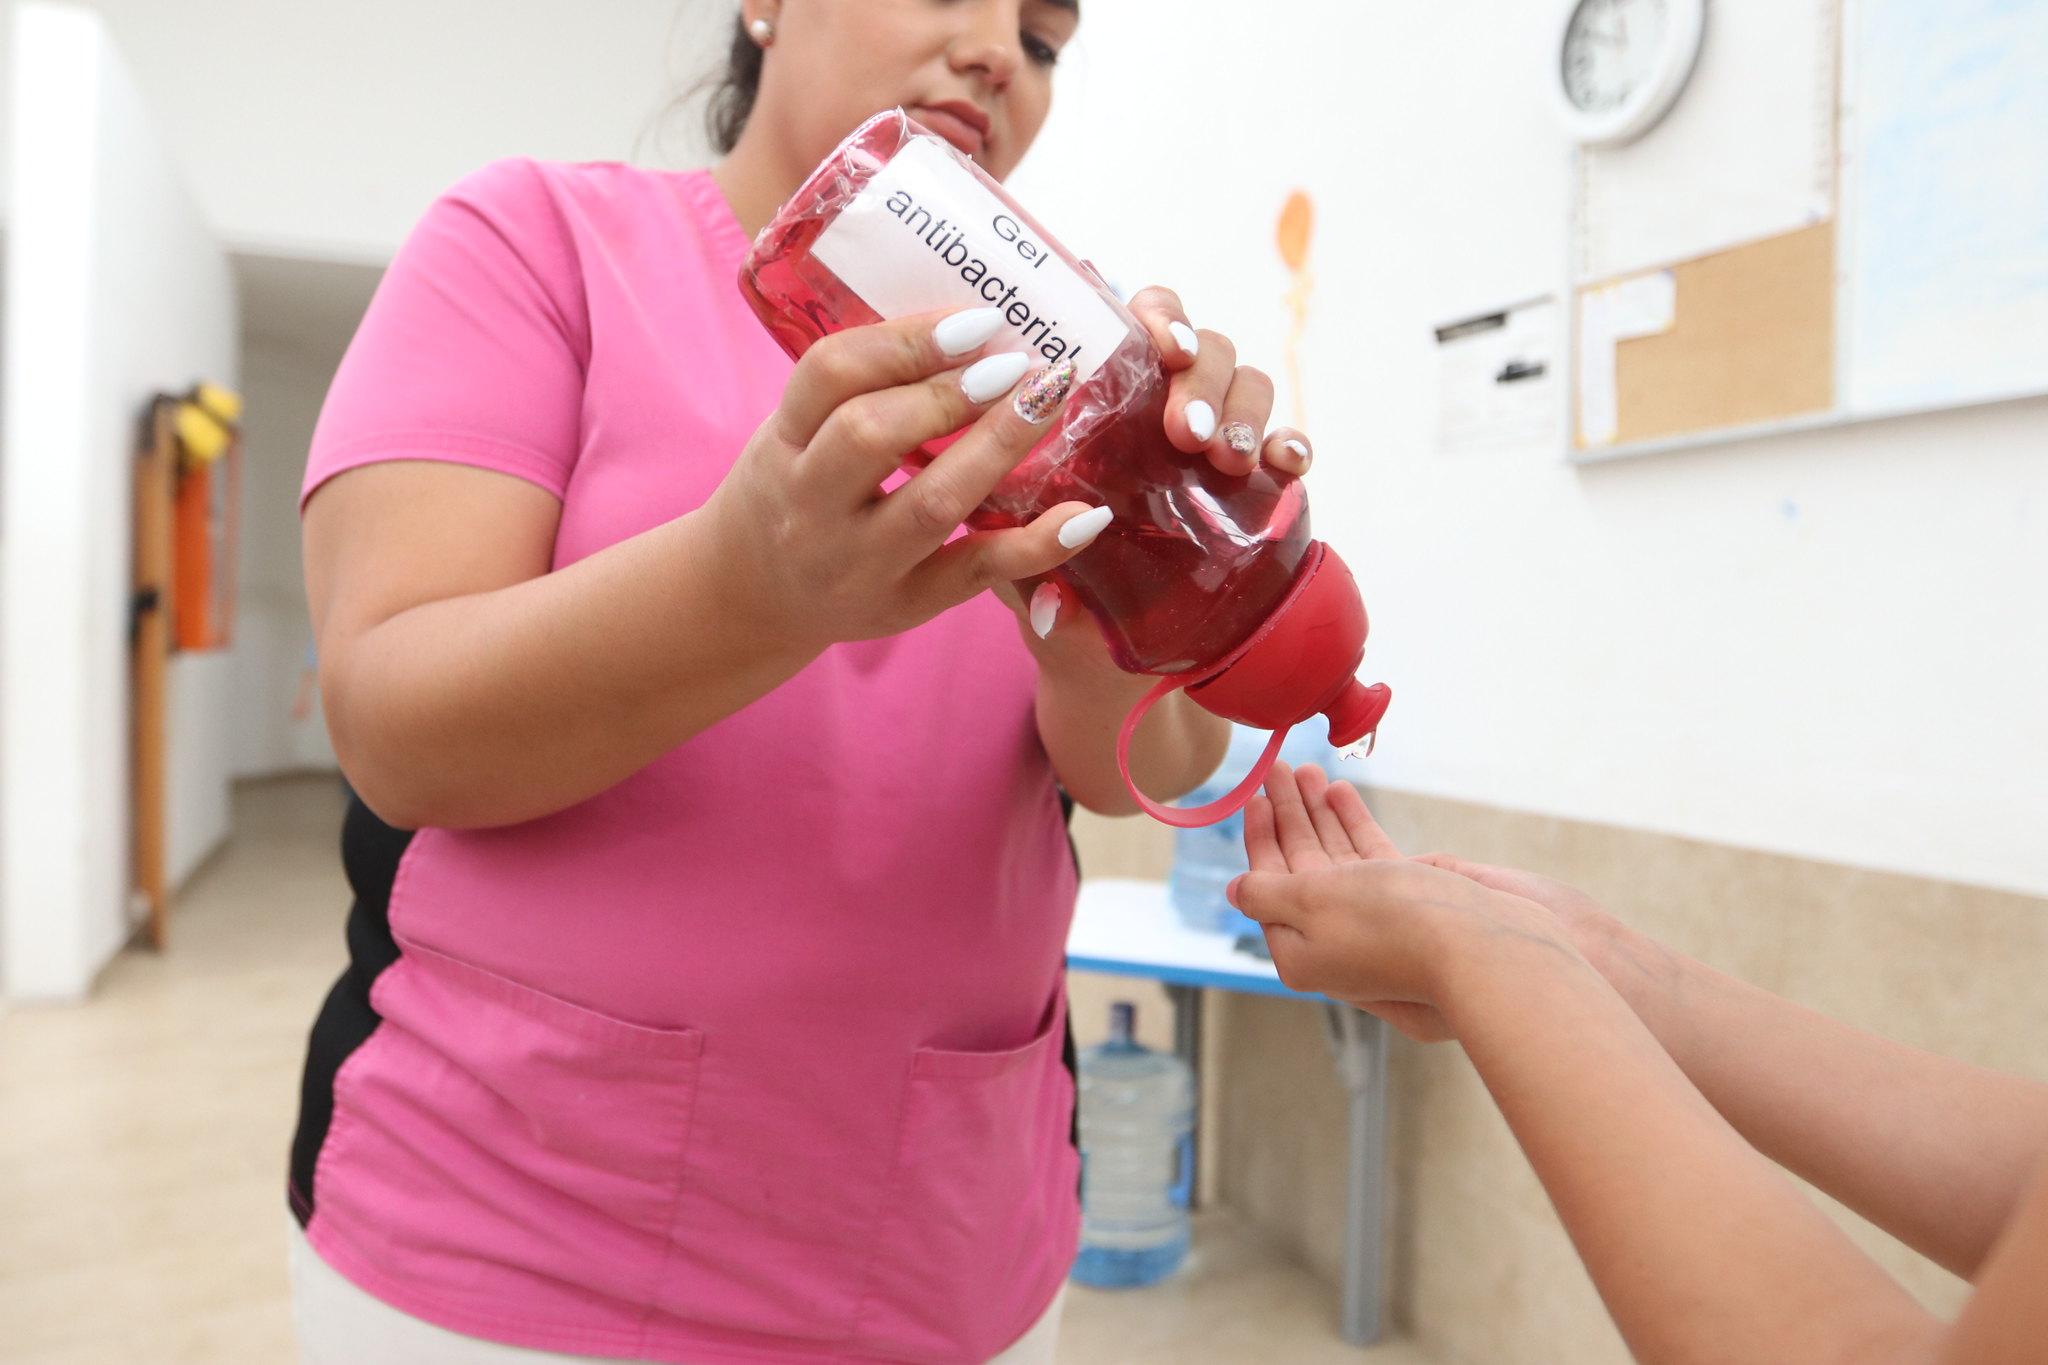 Continúa DIF Jalisco con medidas preventivas ante COVID-19 en centros que atienden a niñas, niños y adolescentes